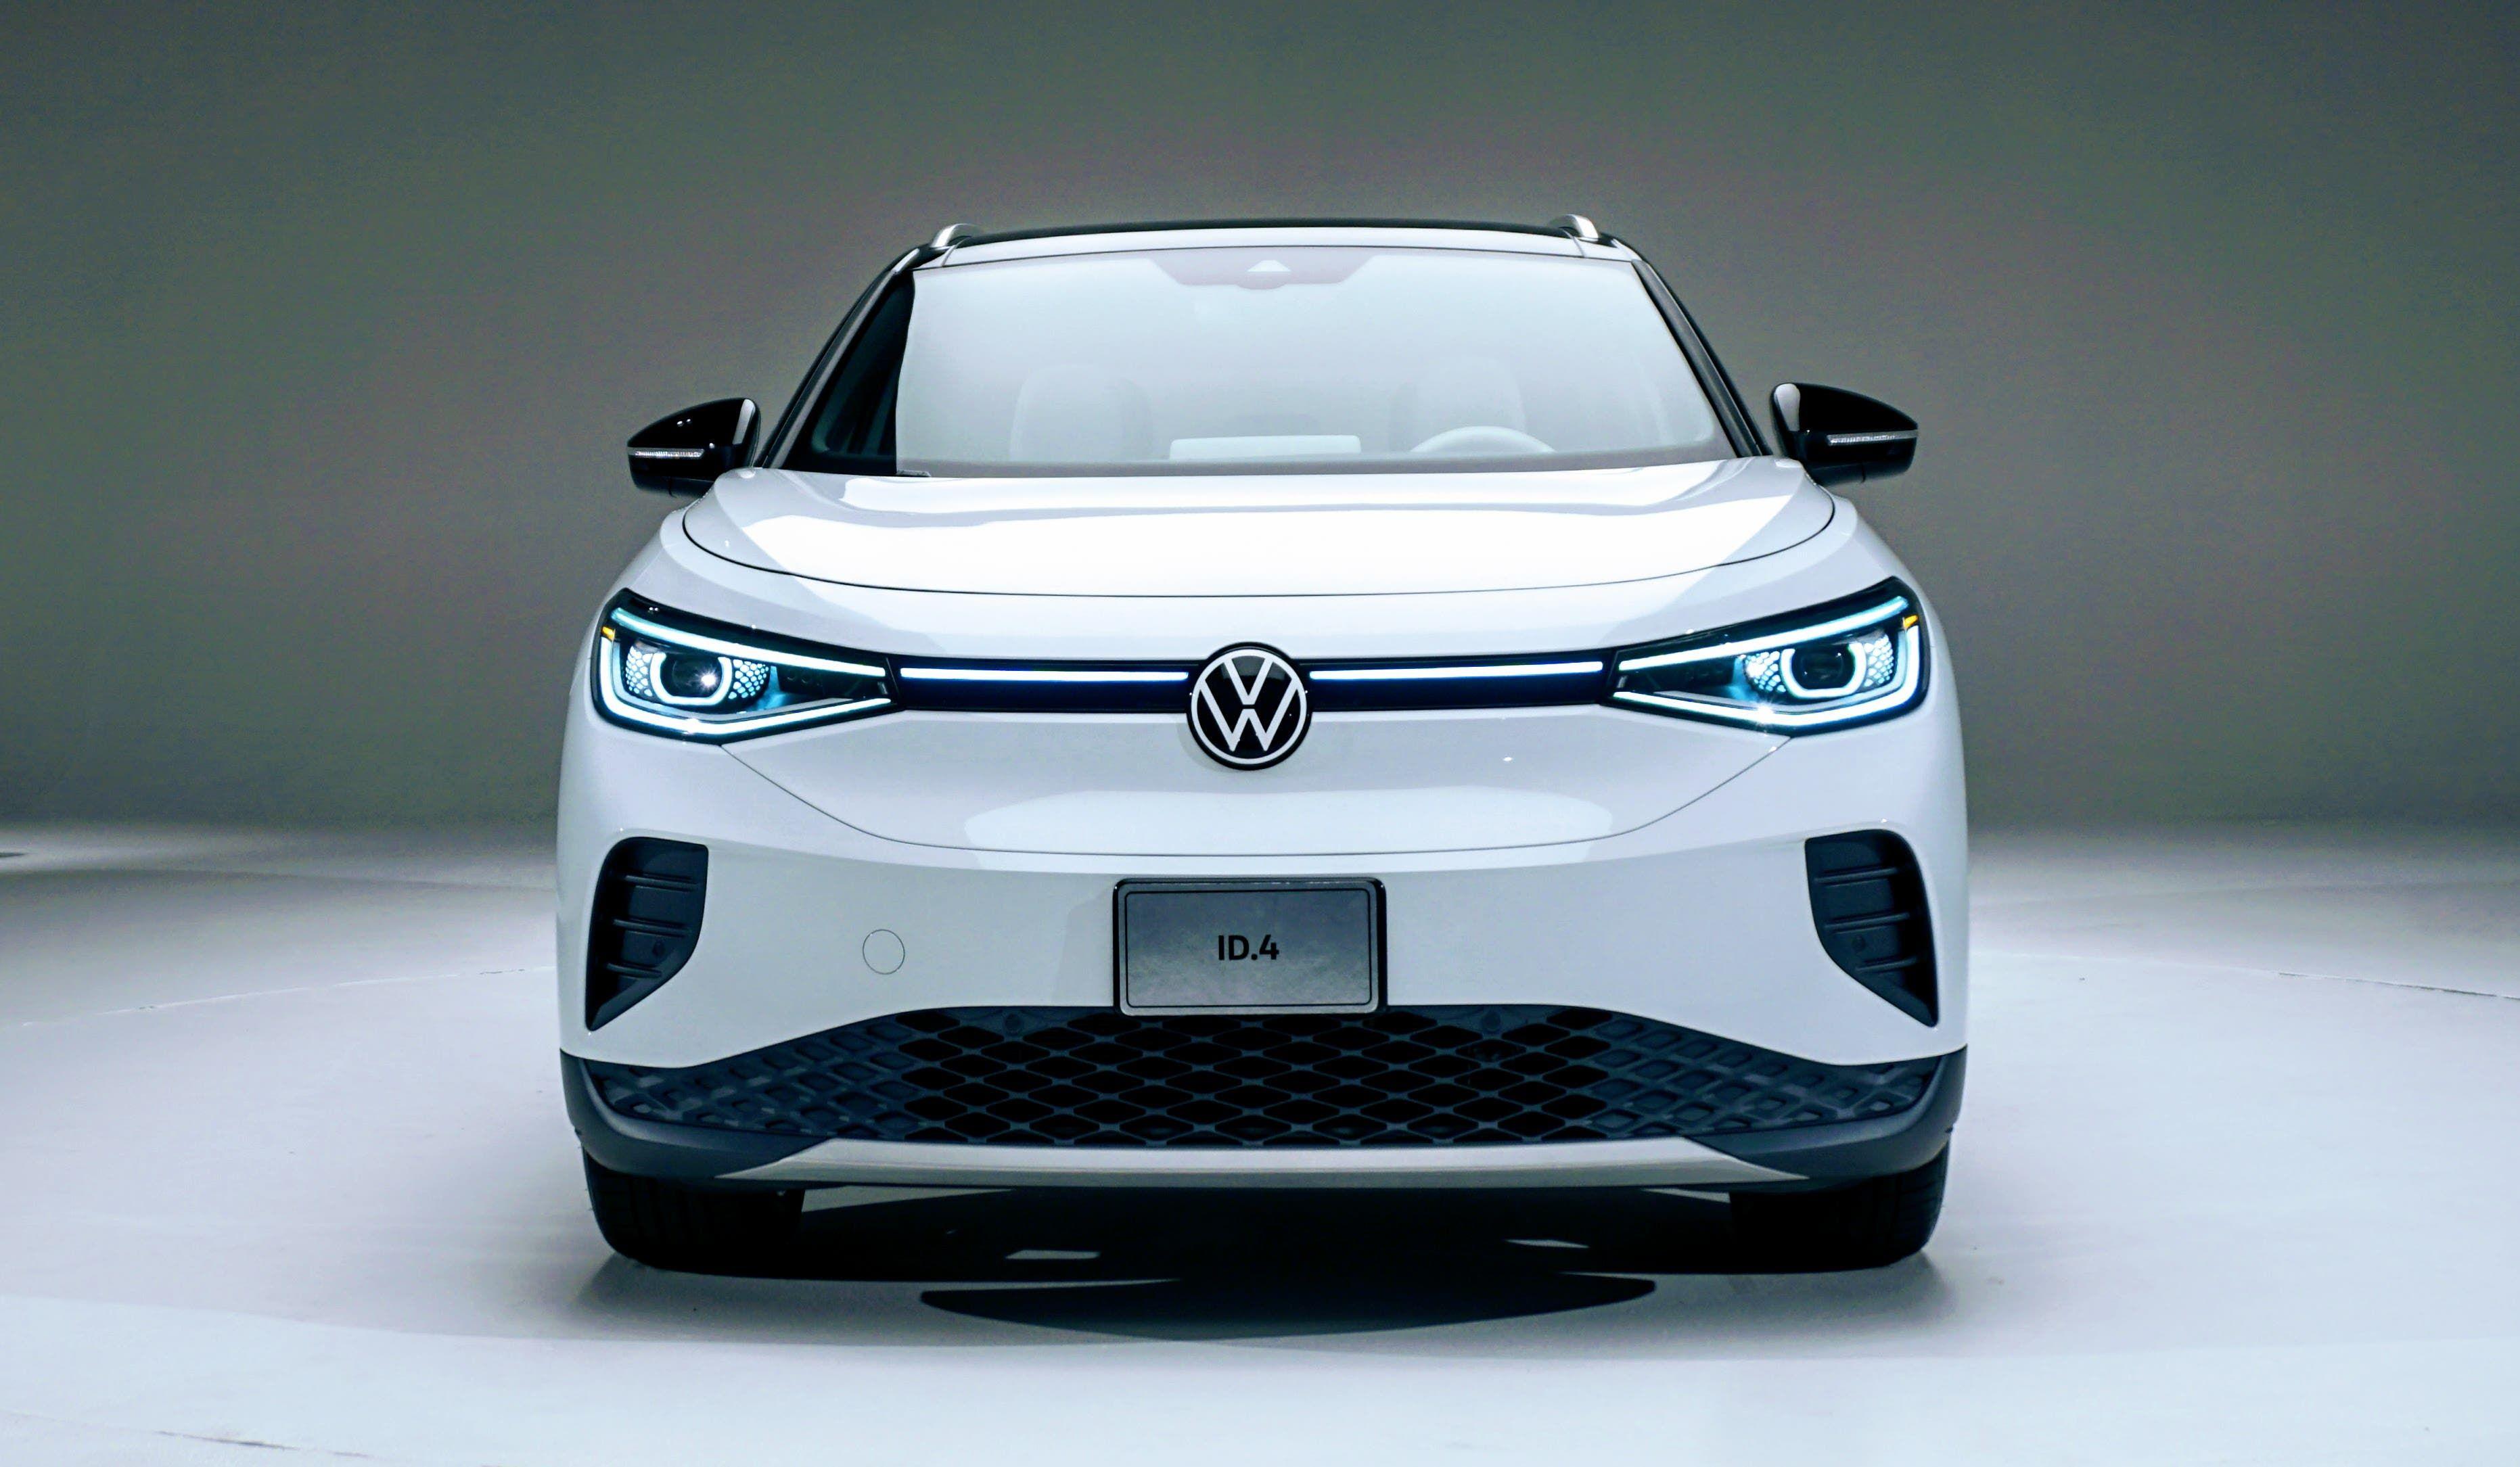 Volkswagen Id 4 250 Mile Range 32 500 Usd Preis Nach Steuergutschrift Volkswagen Tesla Model Hybrid Car